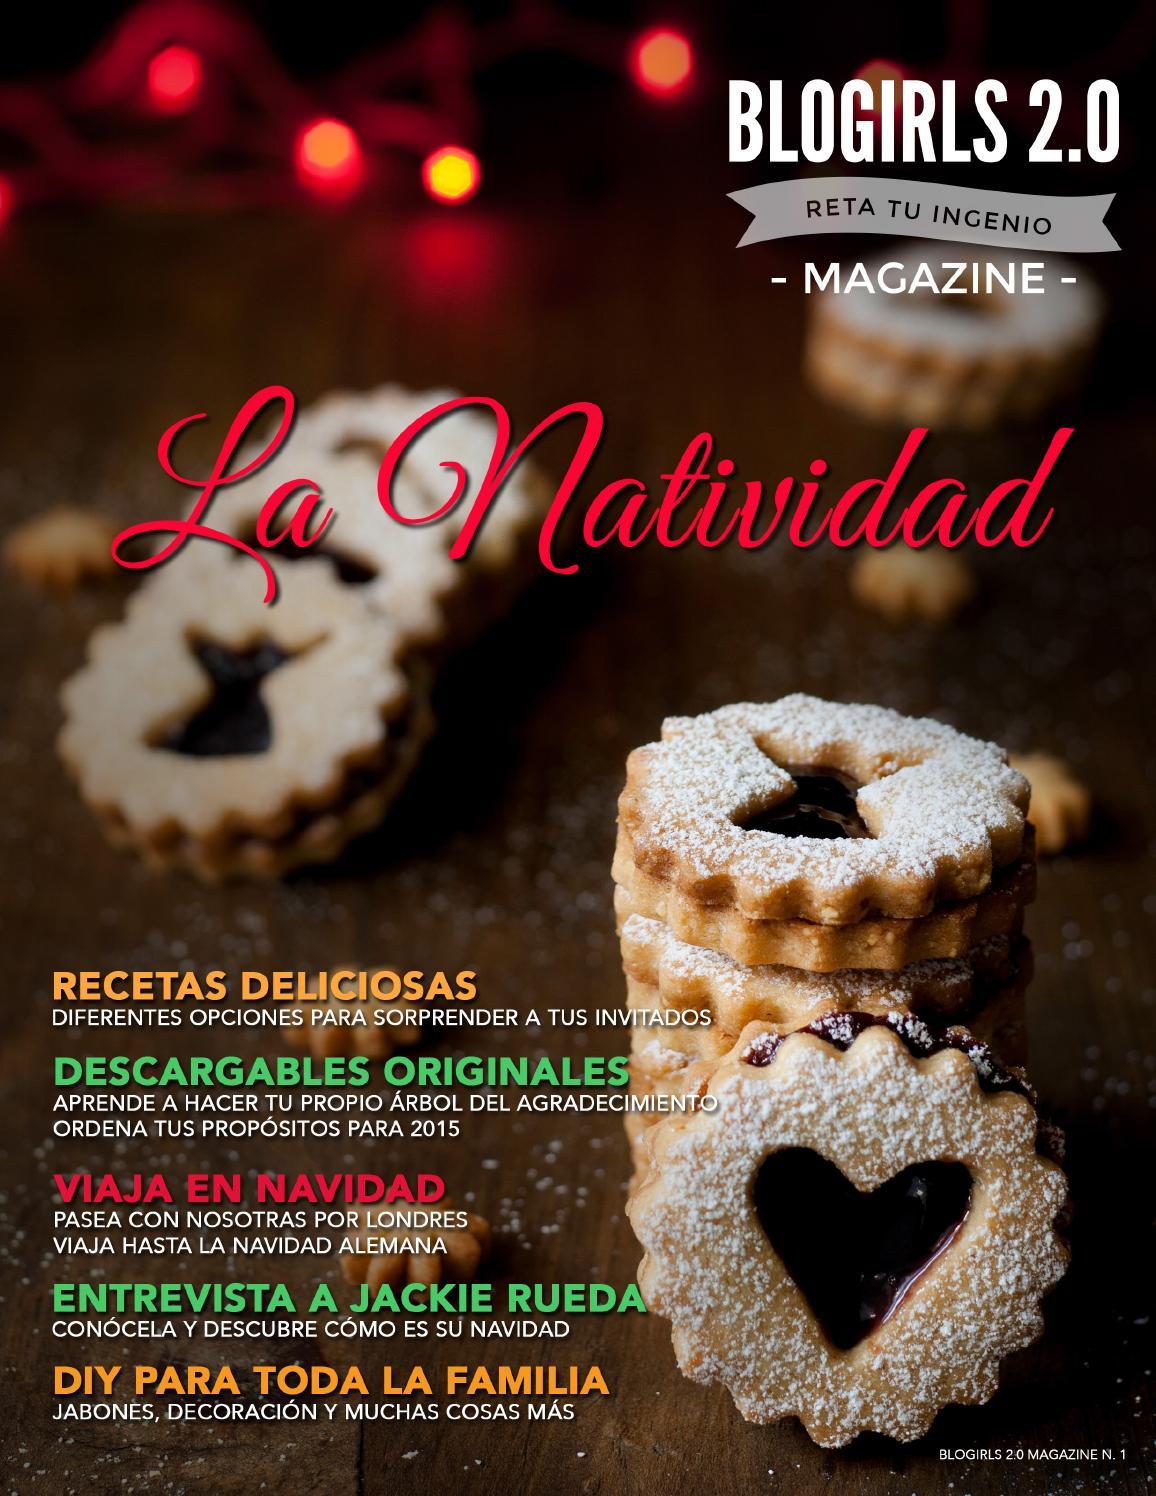 La Natividad - MAGAZINE #1 by Blogirls 2.0   Revista Online - issuu